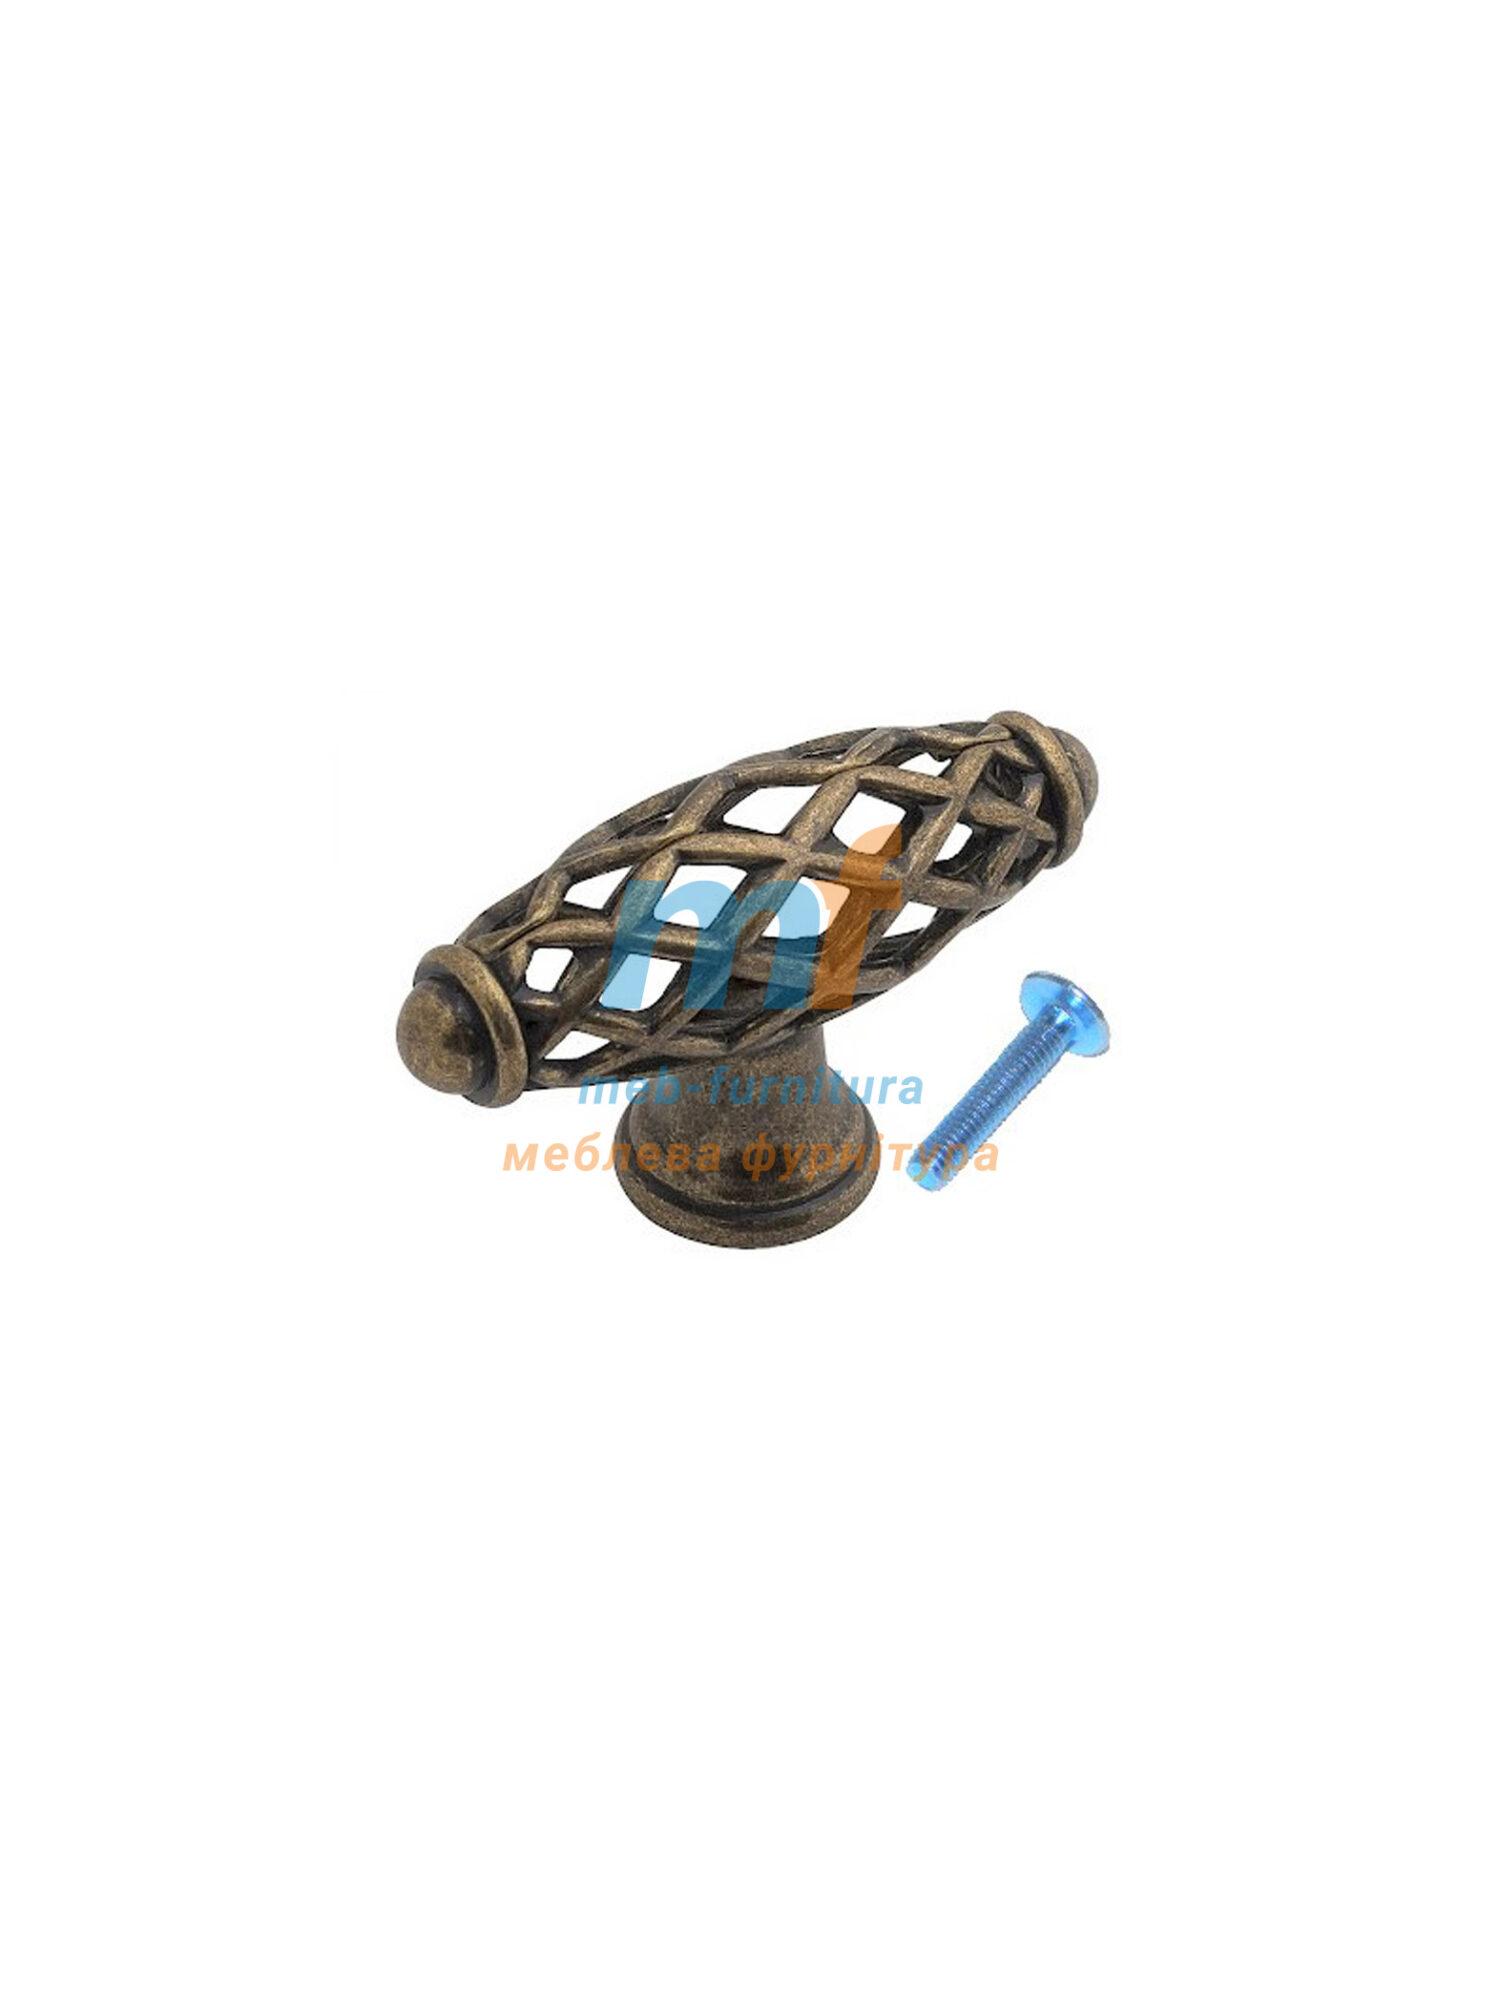 Мебельная ручка Кнопка - RUSTIK DUGME Бронза 6104-08